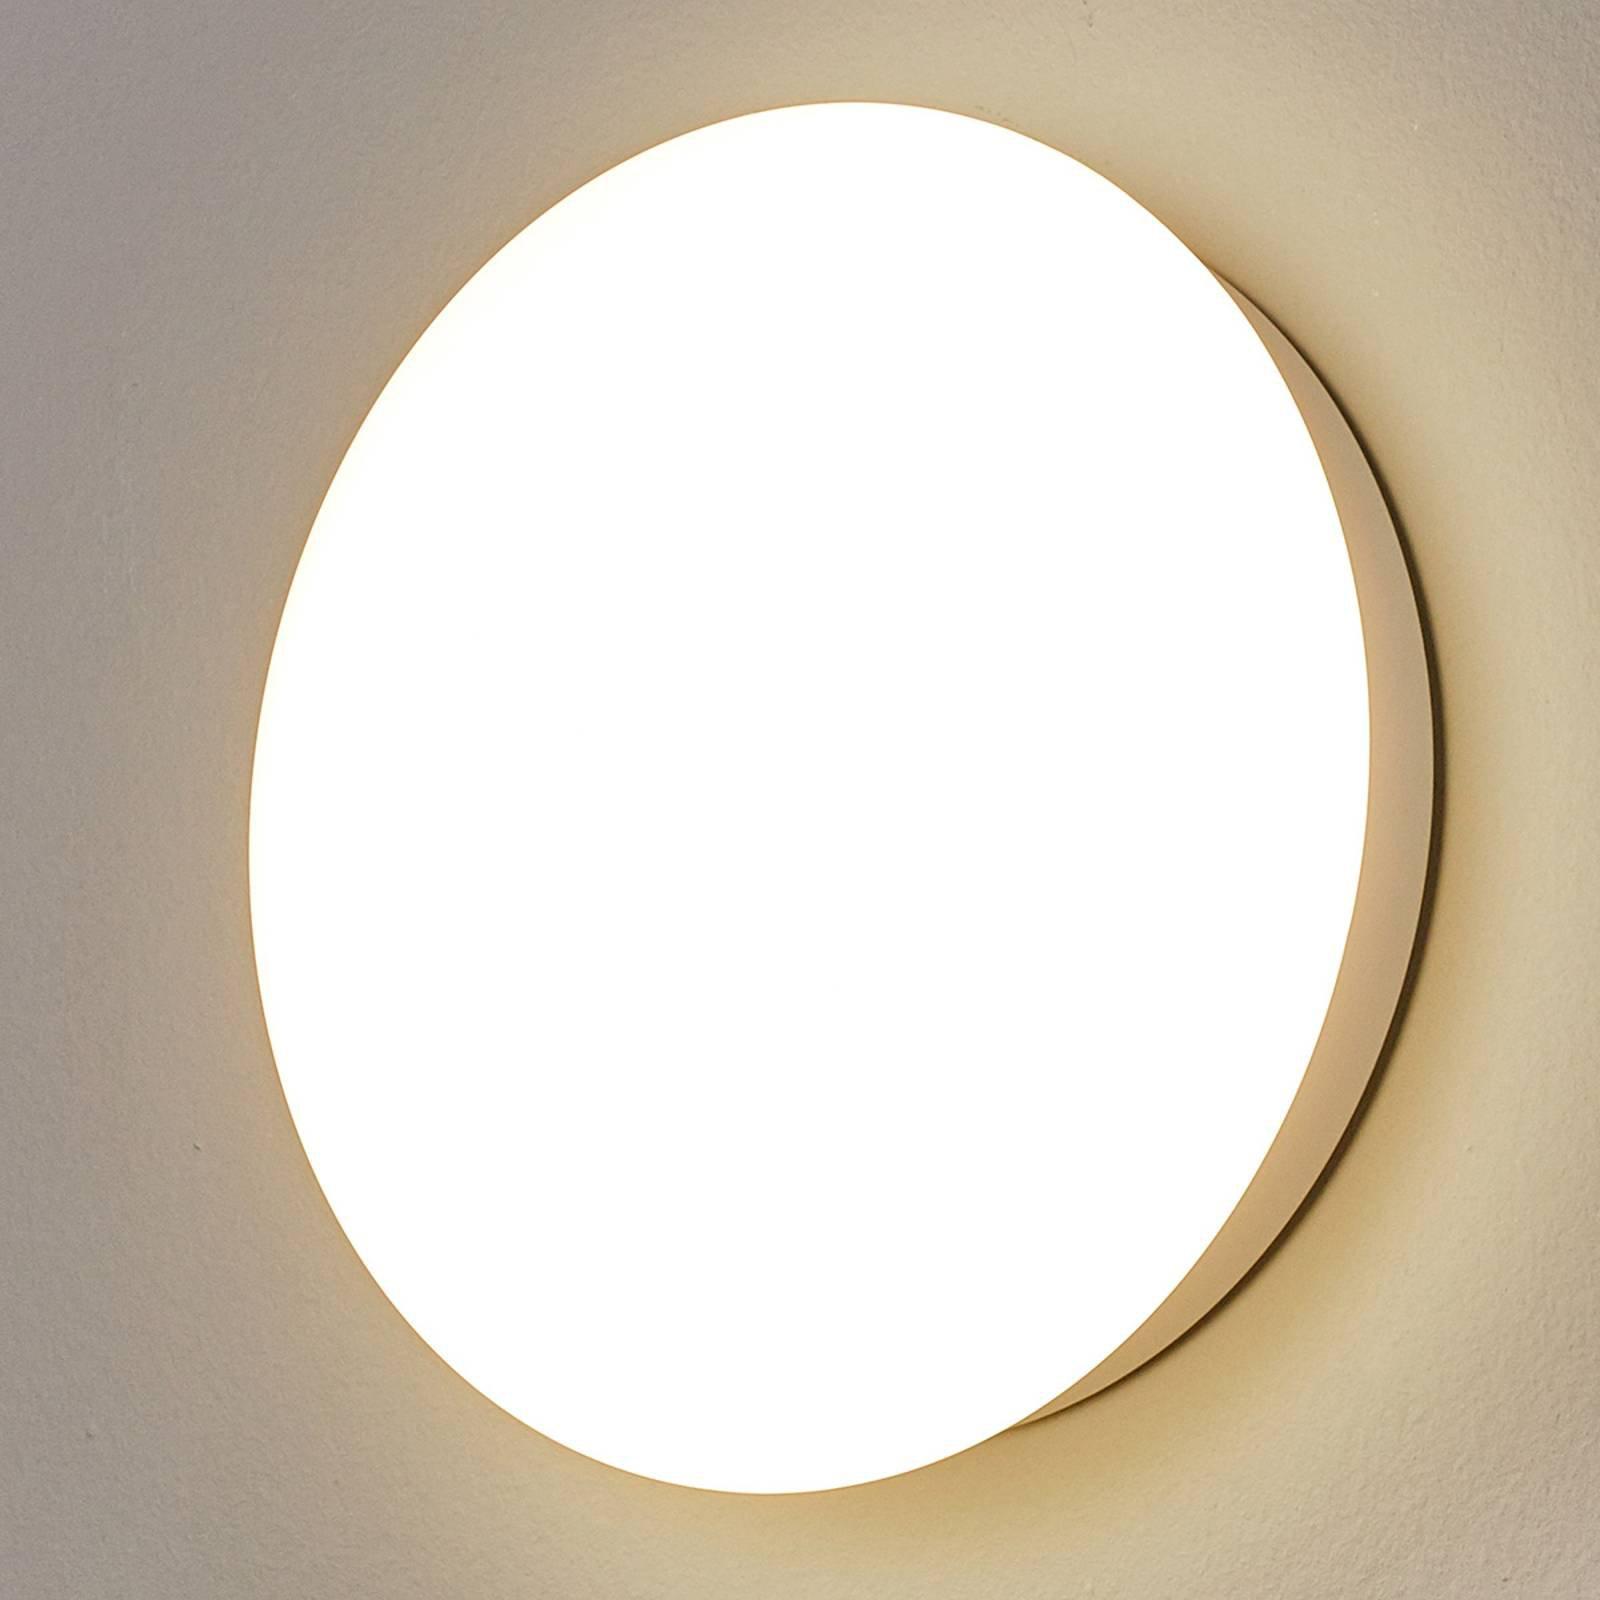 SUN 12 LED-vegglampe, IP55, 8 W, varmhvitt, 3000 K